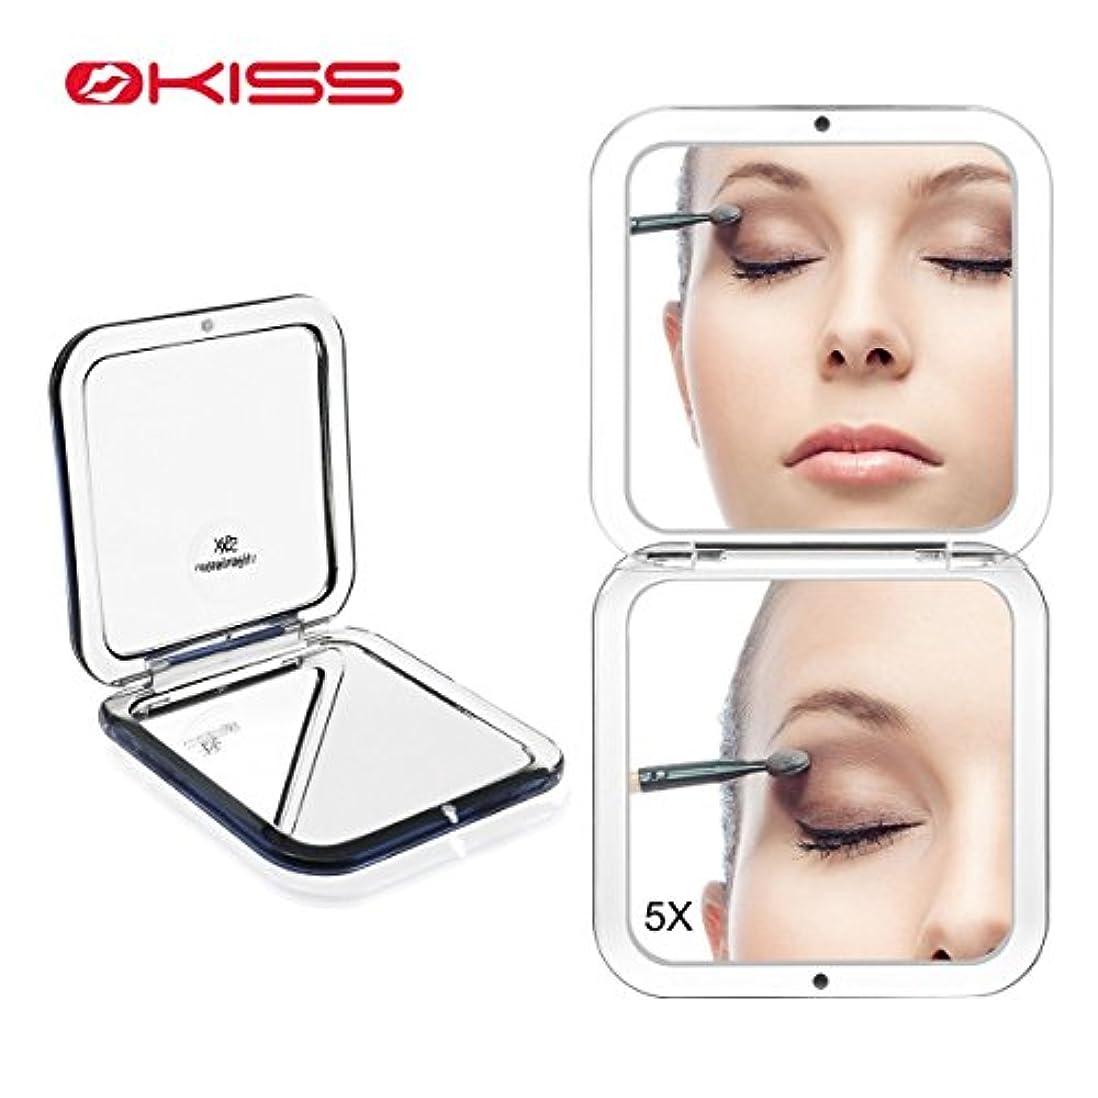 持ってる連帯しっとりOKISS ハンドミラー 手鏡 メンズ コンパクトミラー 化粧鏡 ミラー 5倍拡大鏡+等倍鏡 両面 メンズ 携帯ミラー 折りたたみ おしゃれ 外出 持ち運び便利